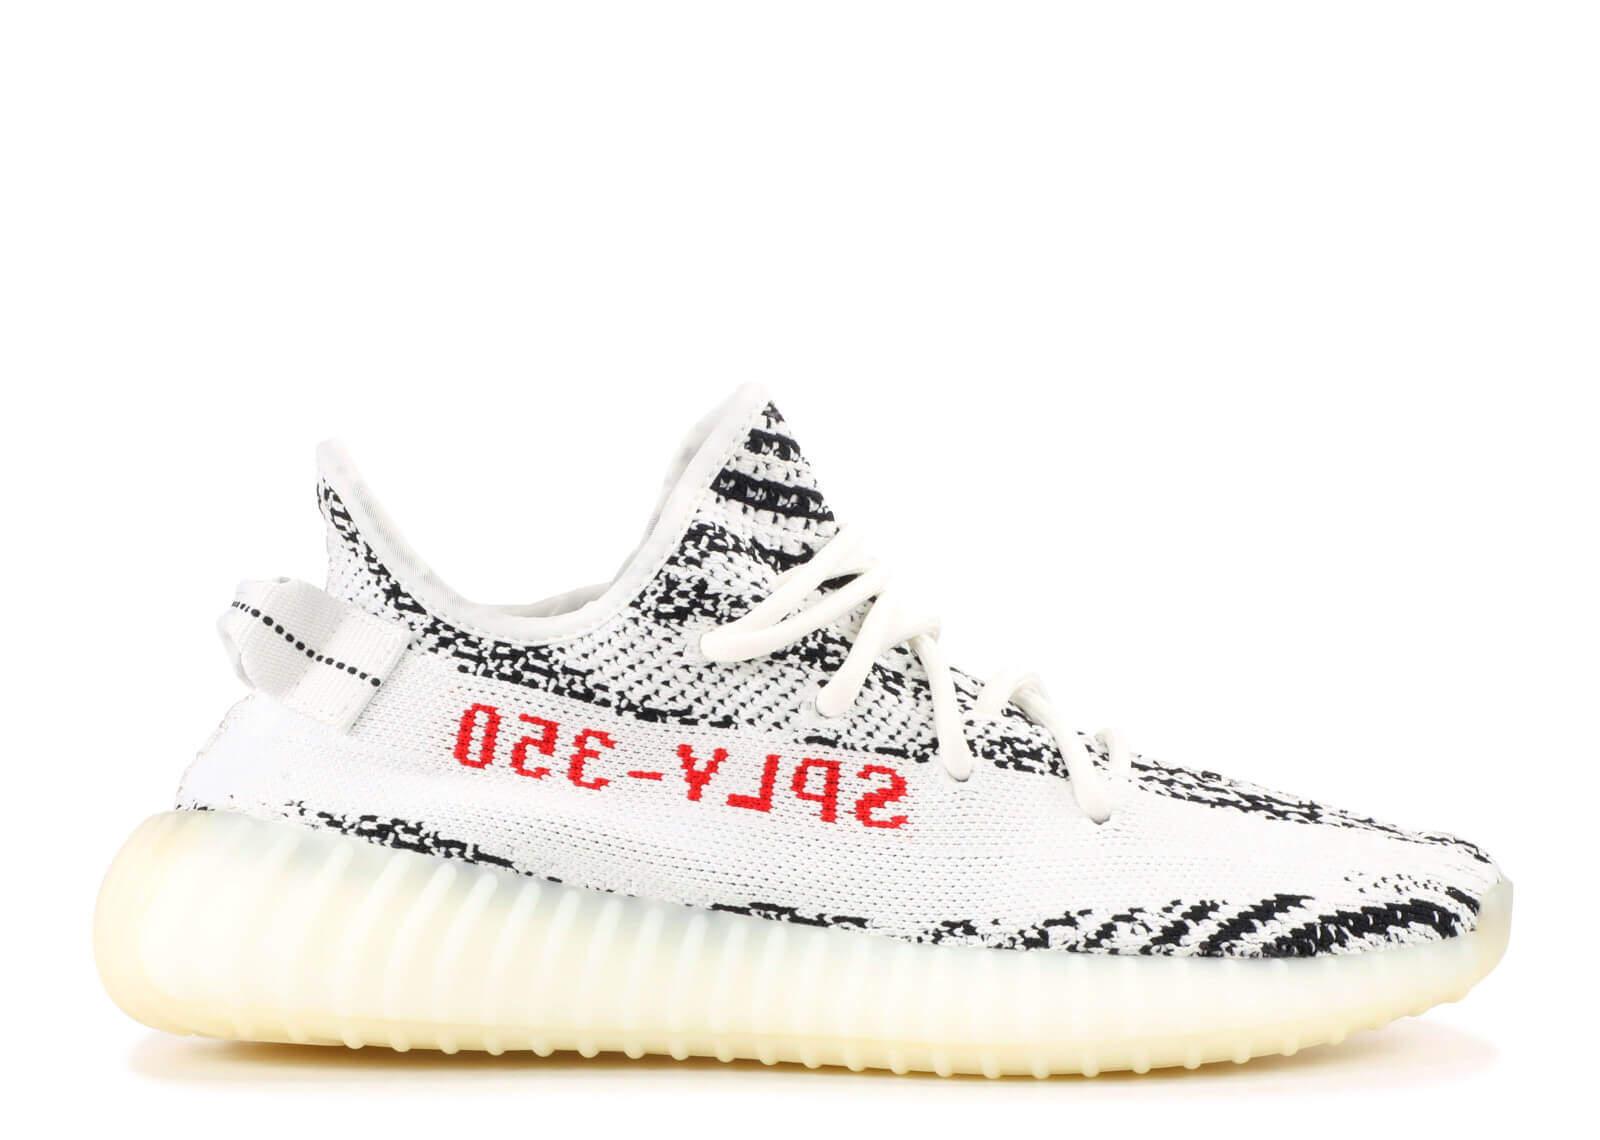 adidas yeezy zebra 350